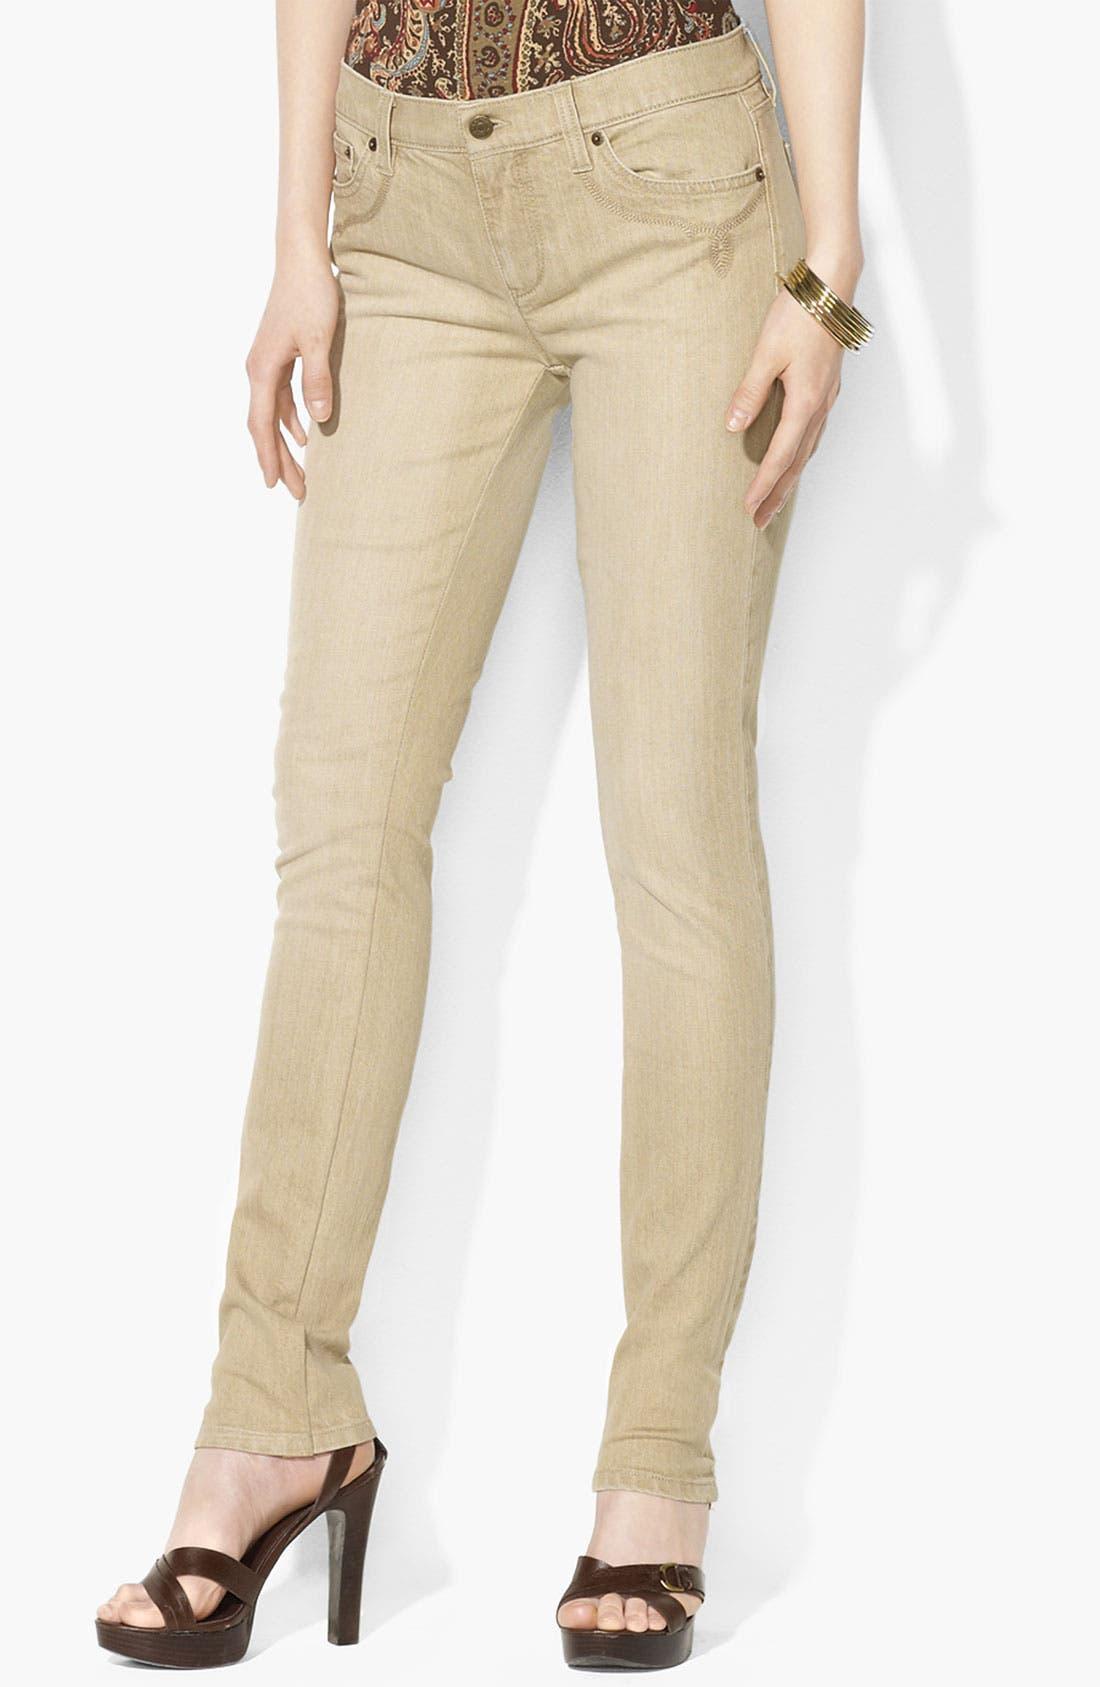 Alternate Image 1 Selected - Lauren Ralph Lauren Skinny Jeans (Petite)